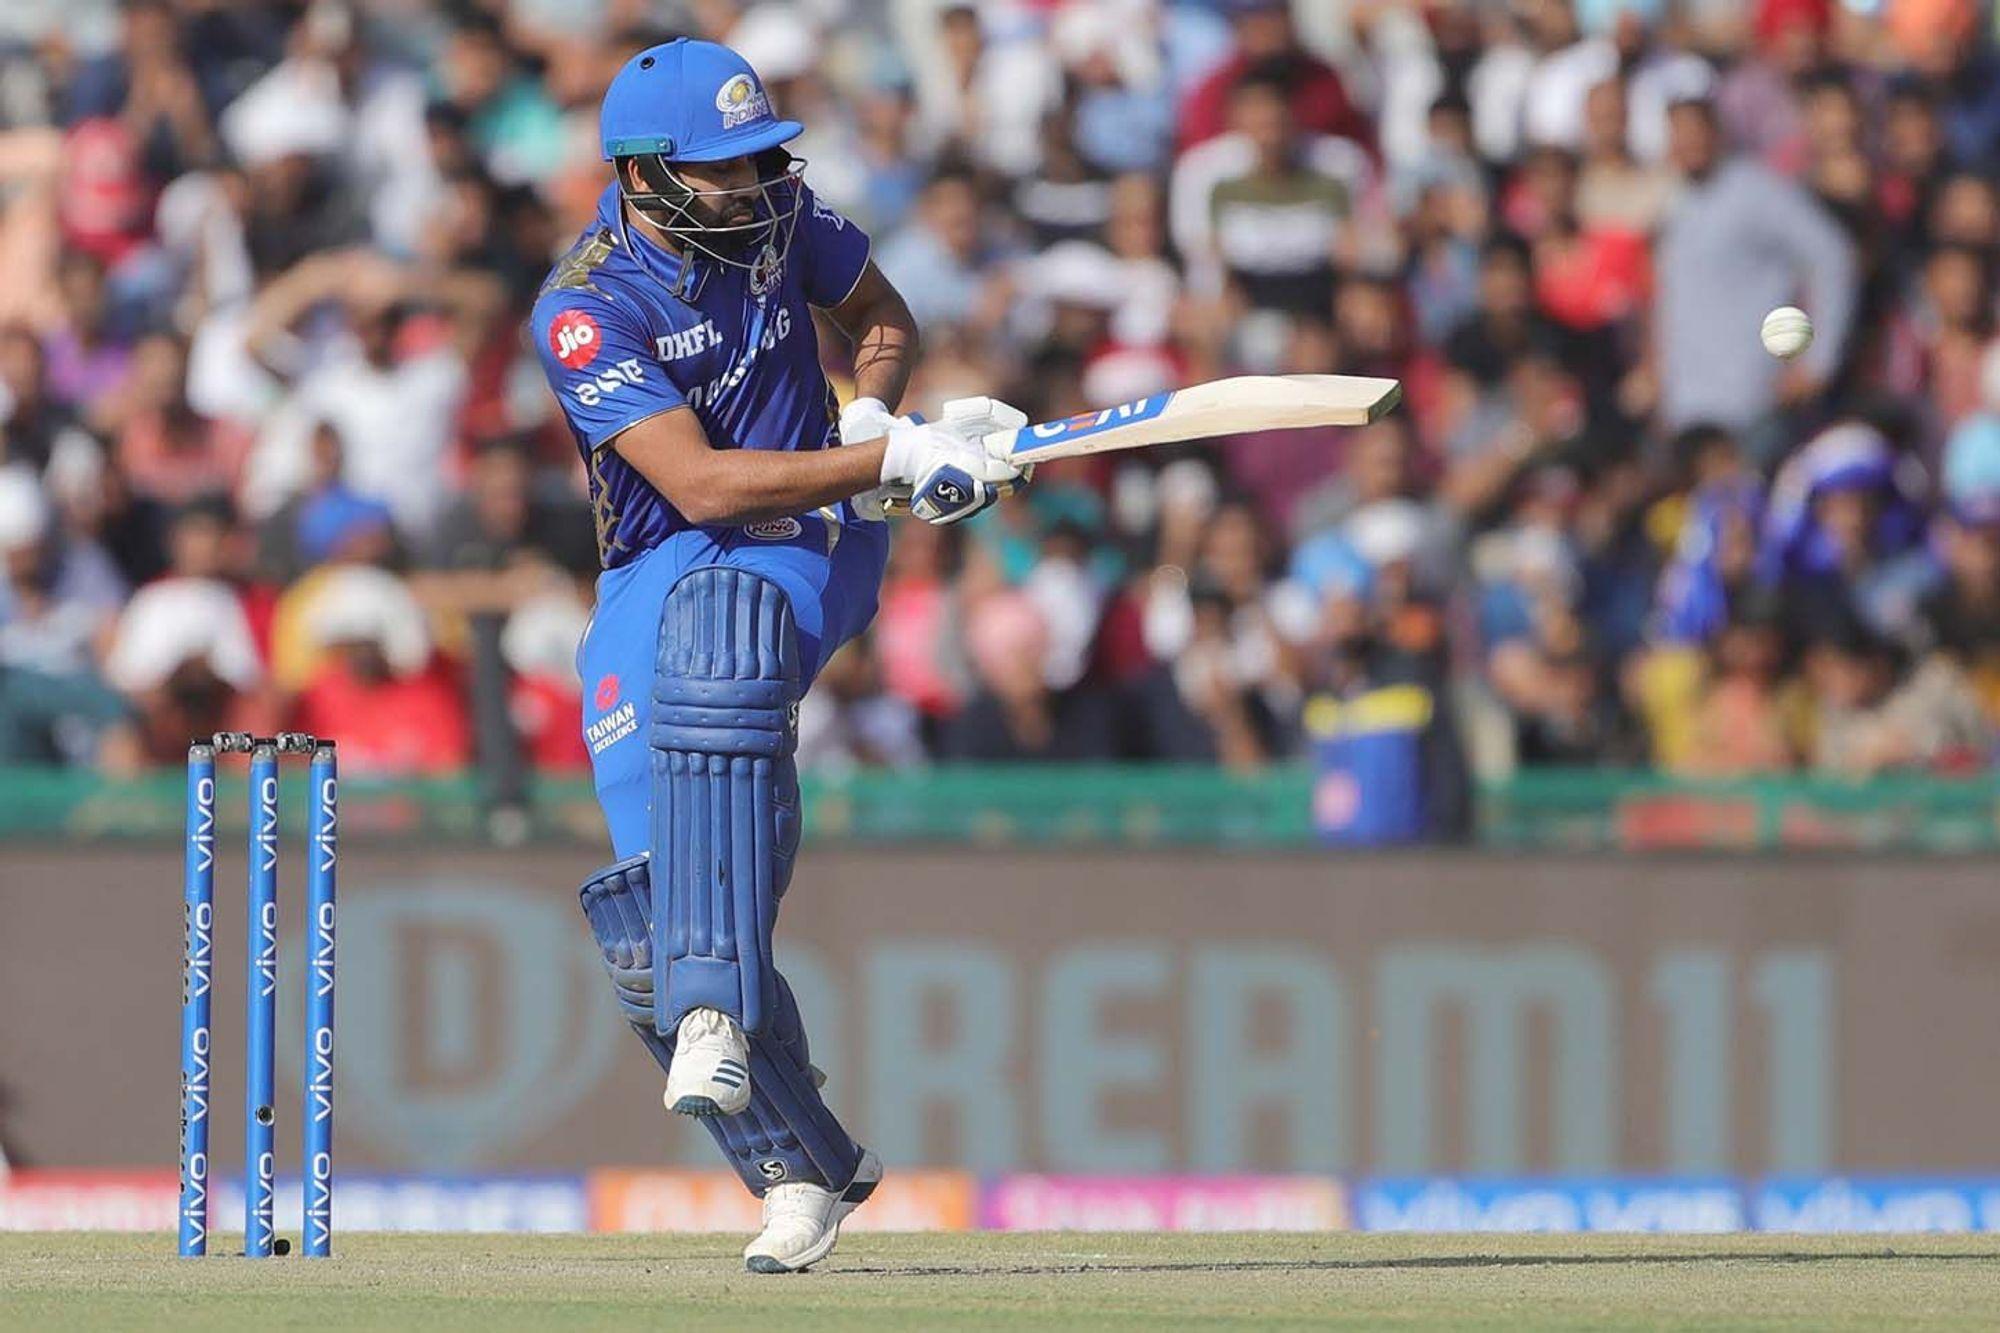 जहीर खान ने रोहित शर्मा की फिटनेस पर दिया अपडेट, जाने होंगे अगले मैच में टीम का हिस्सा या बैठेंगे बाहर 2